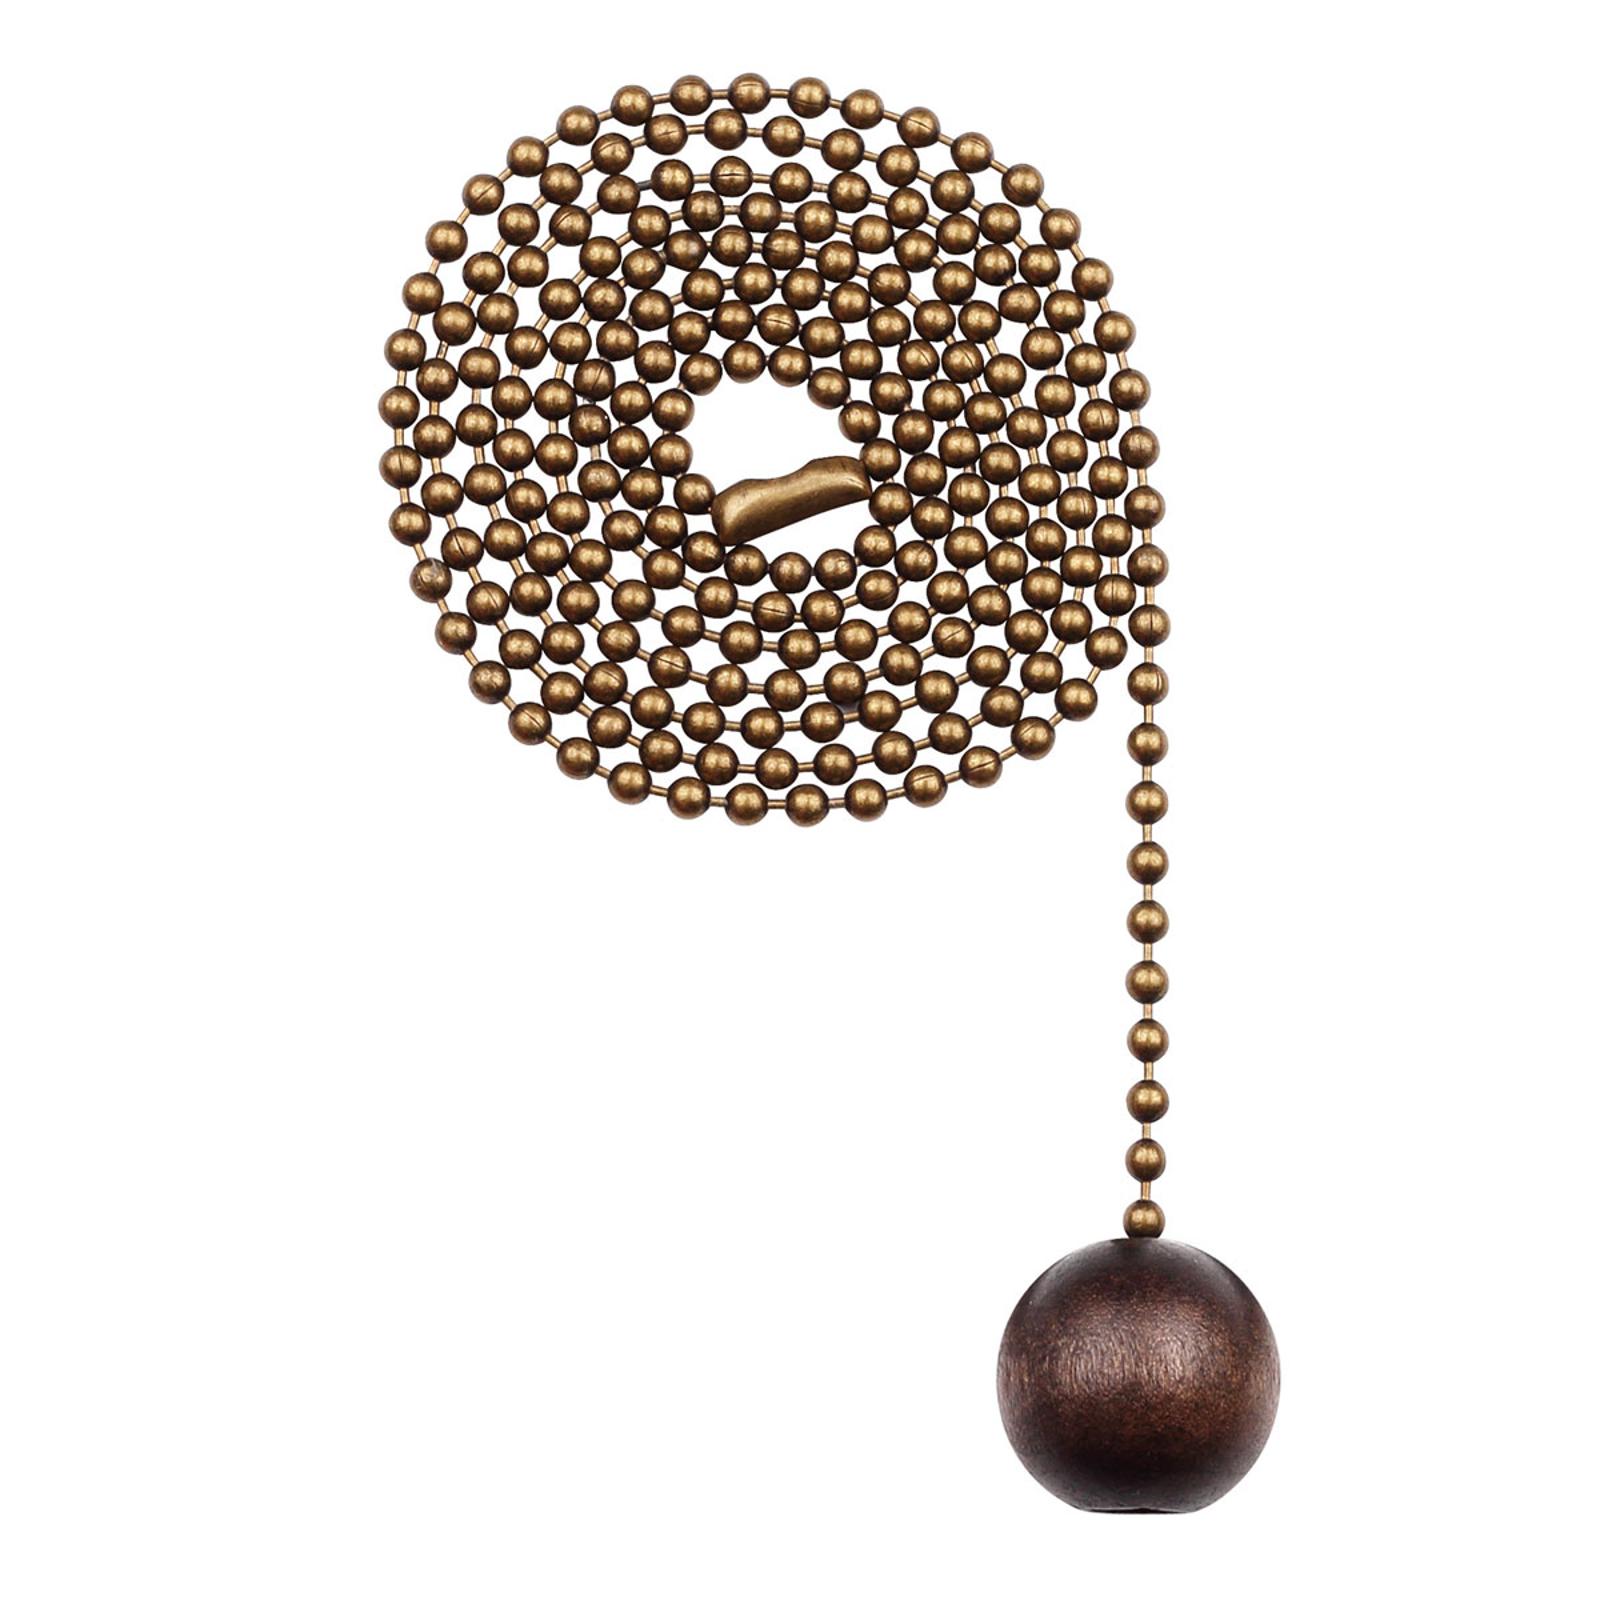 Westinghouse pähkinäpuupallo-vetokettinki messinki